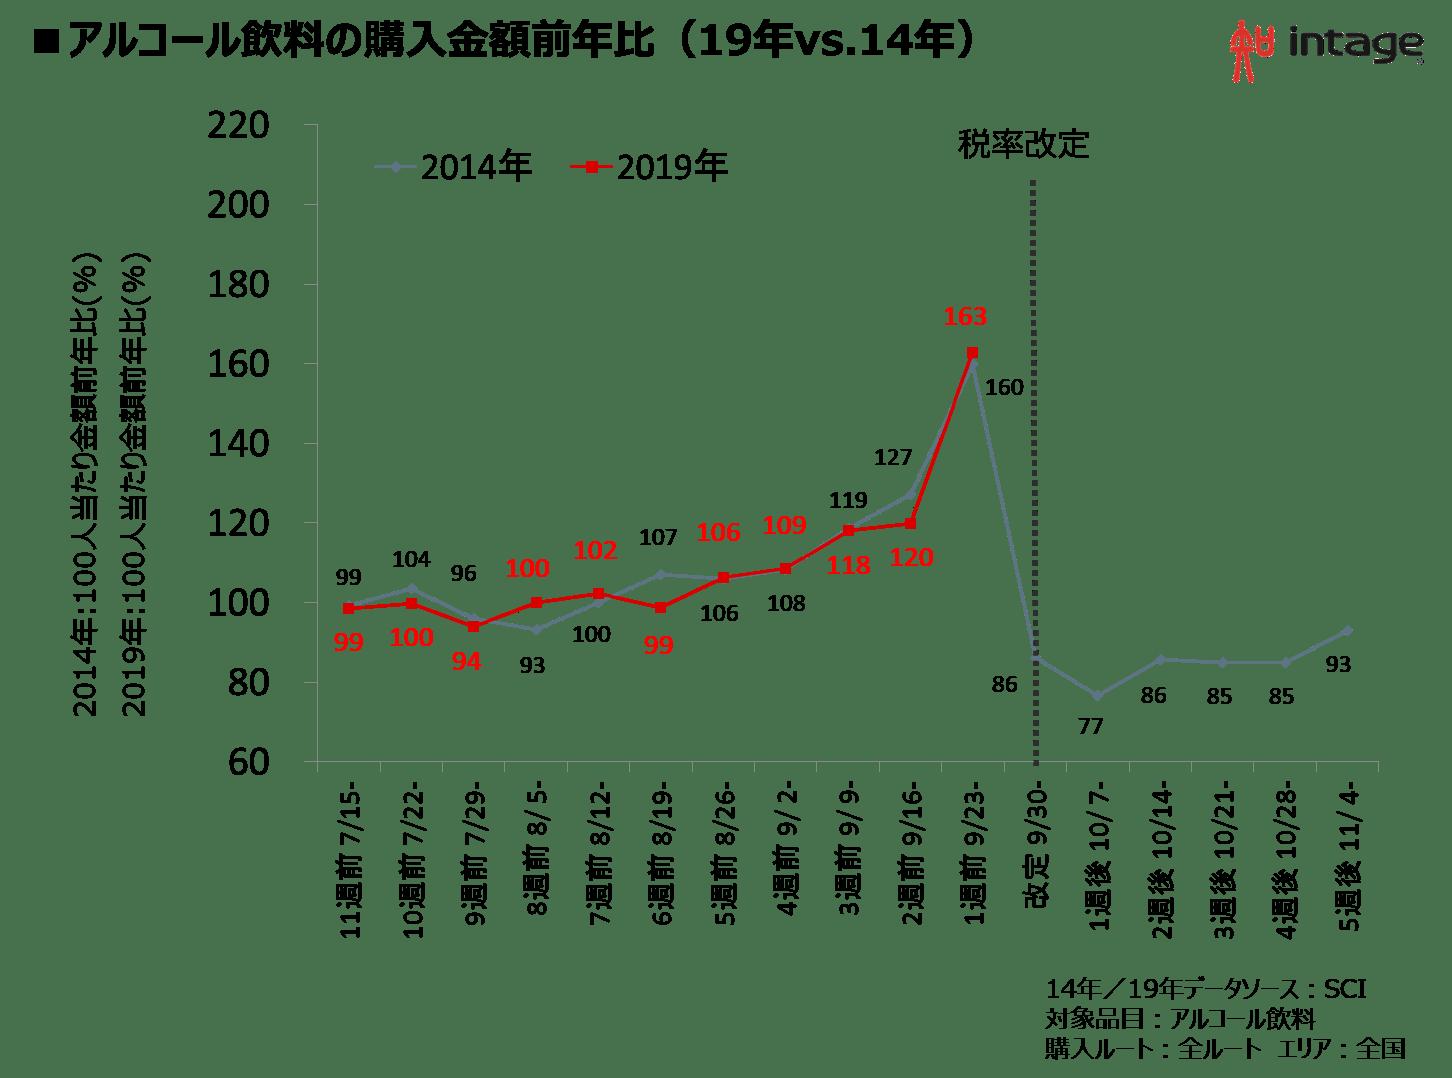 アルコール飲料の購入金額前年比(19年vs.14年)